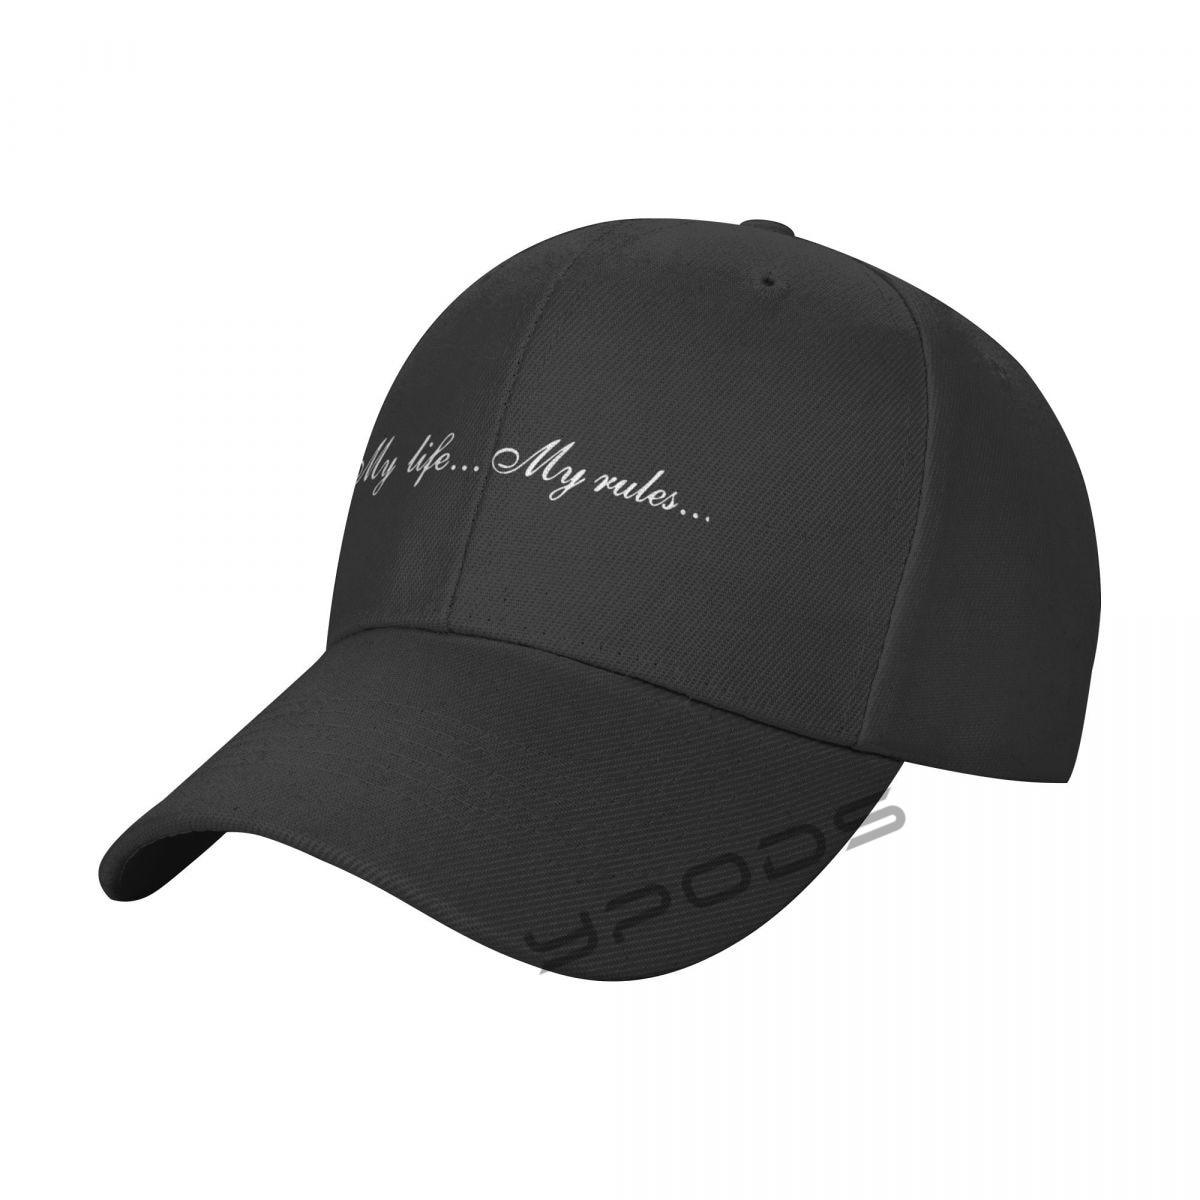 Однотонные бейсболки My Life My Rules, однотонные мужские и женские кепки с козырьком, регулируемые повседневные спортивные кепки